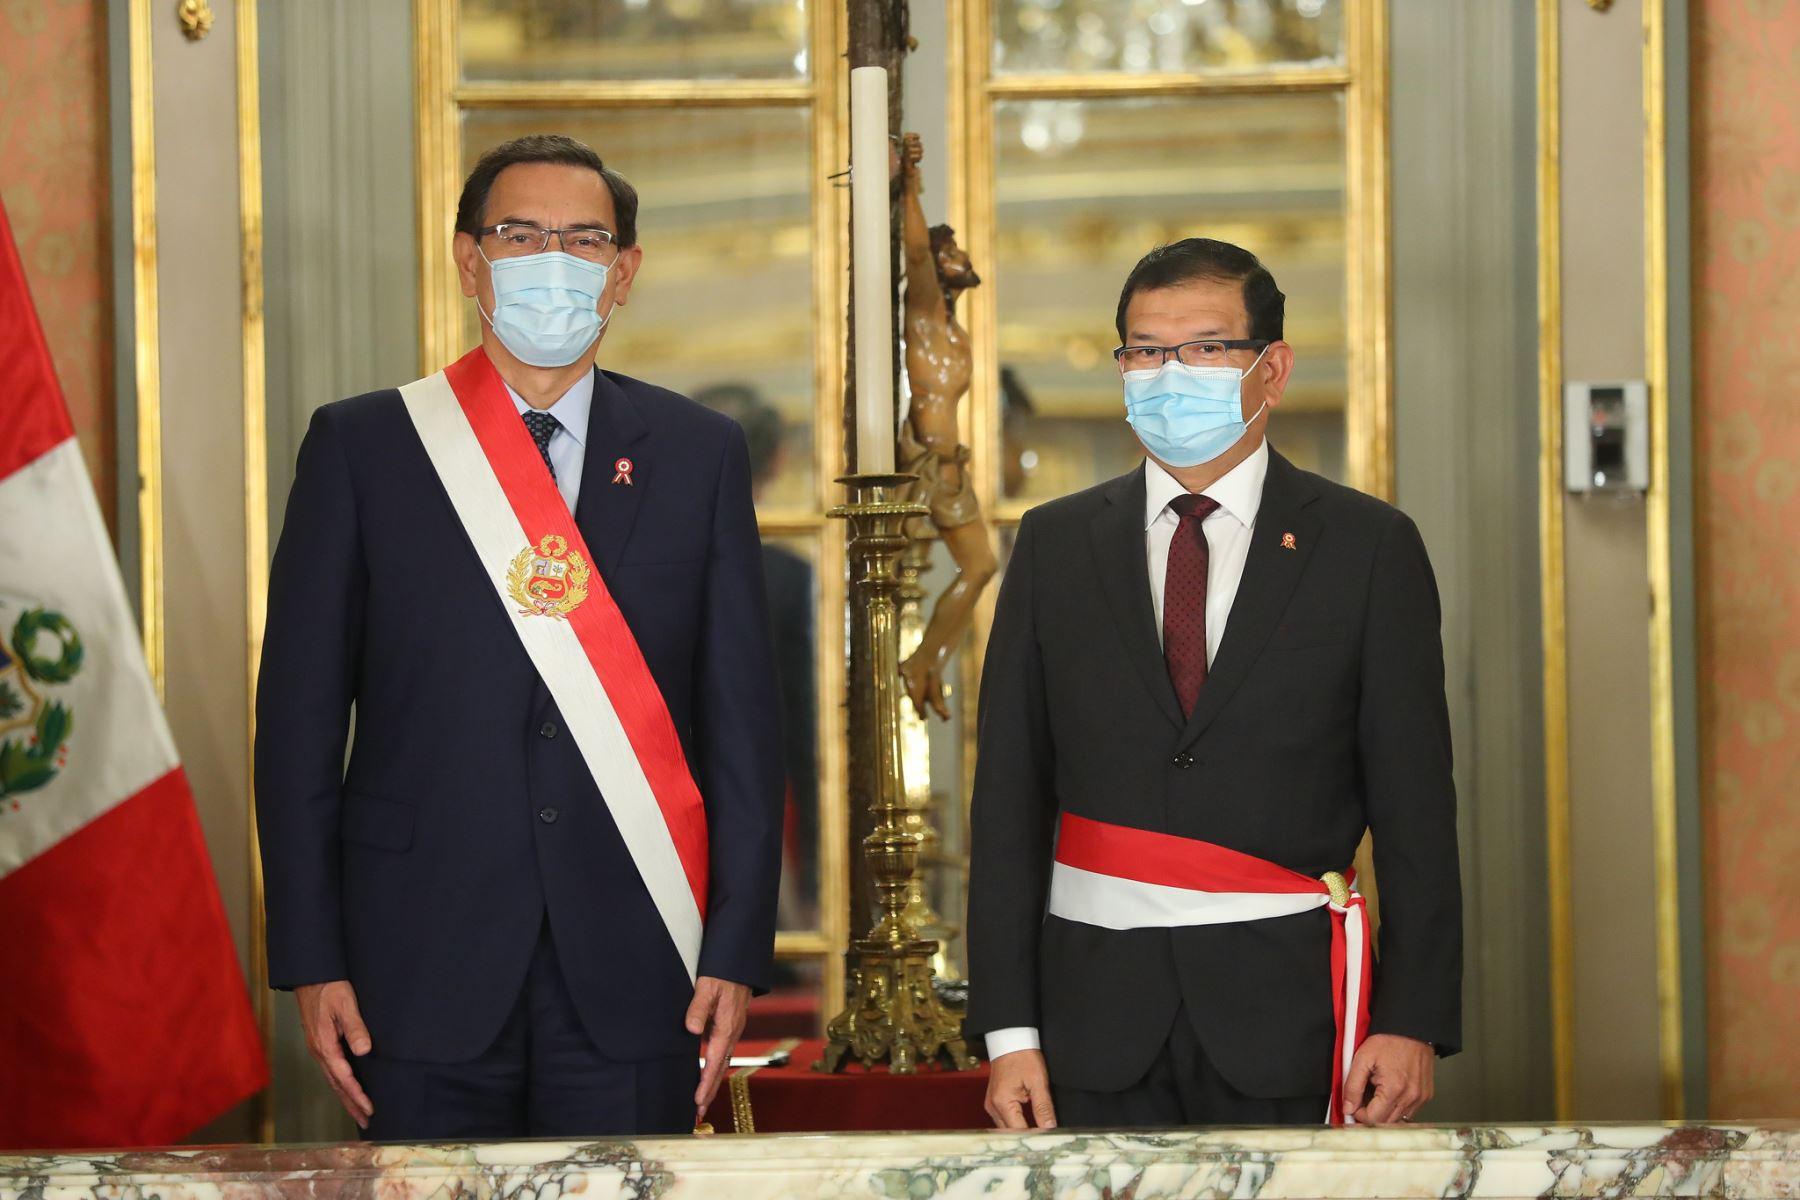 Presidente Martín Vizcarra tomo juramento a Jorge Montenegro como ministro de Agricultura. Foto: ANDINA/Presidencia